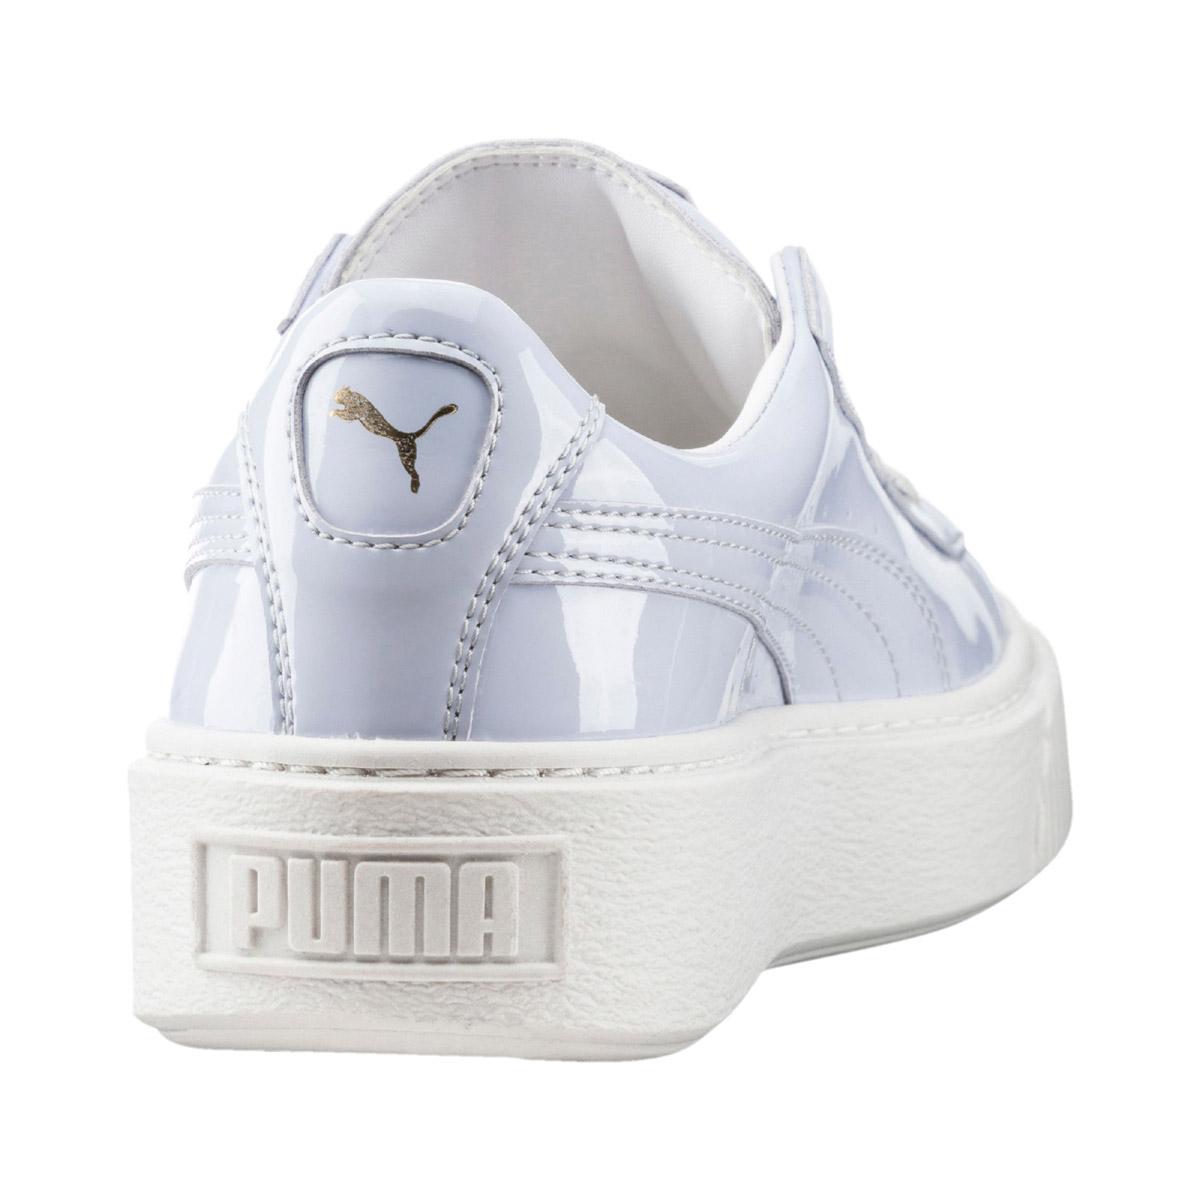 046a2d139da PUMA BASKET PLATFORM PATENT WNS (Puma basket platform patent women)  (HALOGEN BLUE-HALOGEN BLUE) 17SS-I